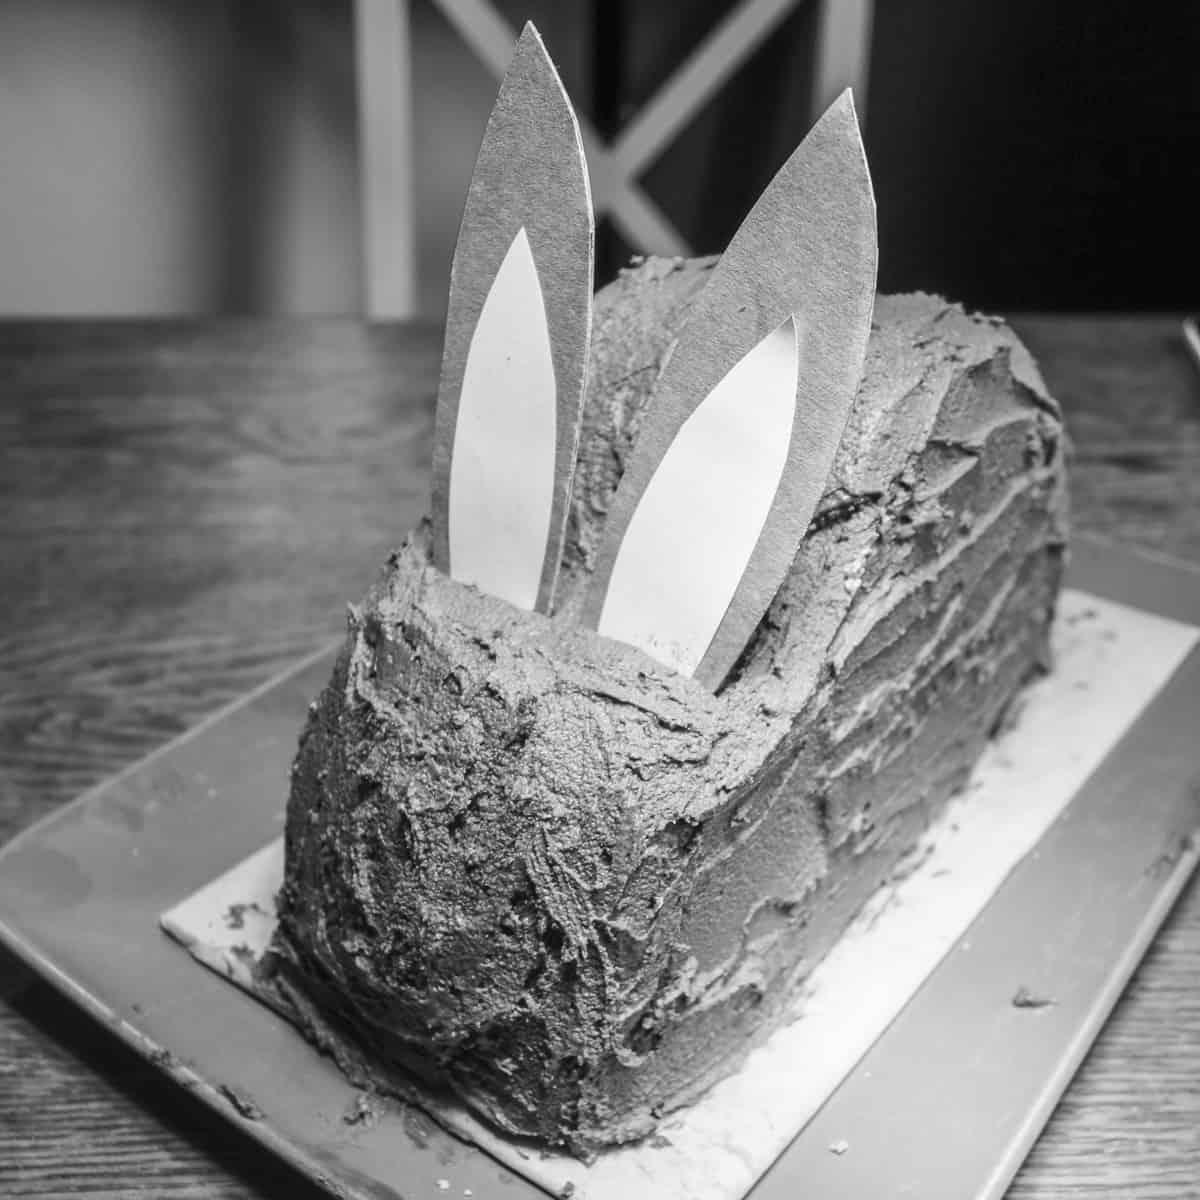 der fertige Osterhasenkuchen